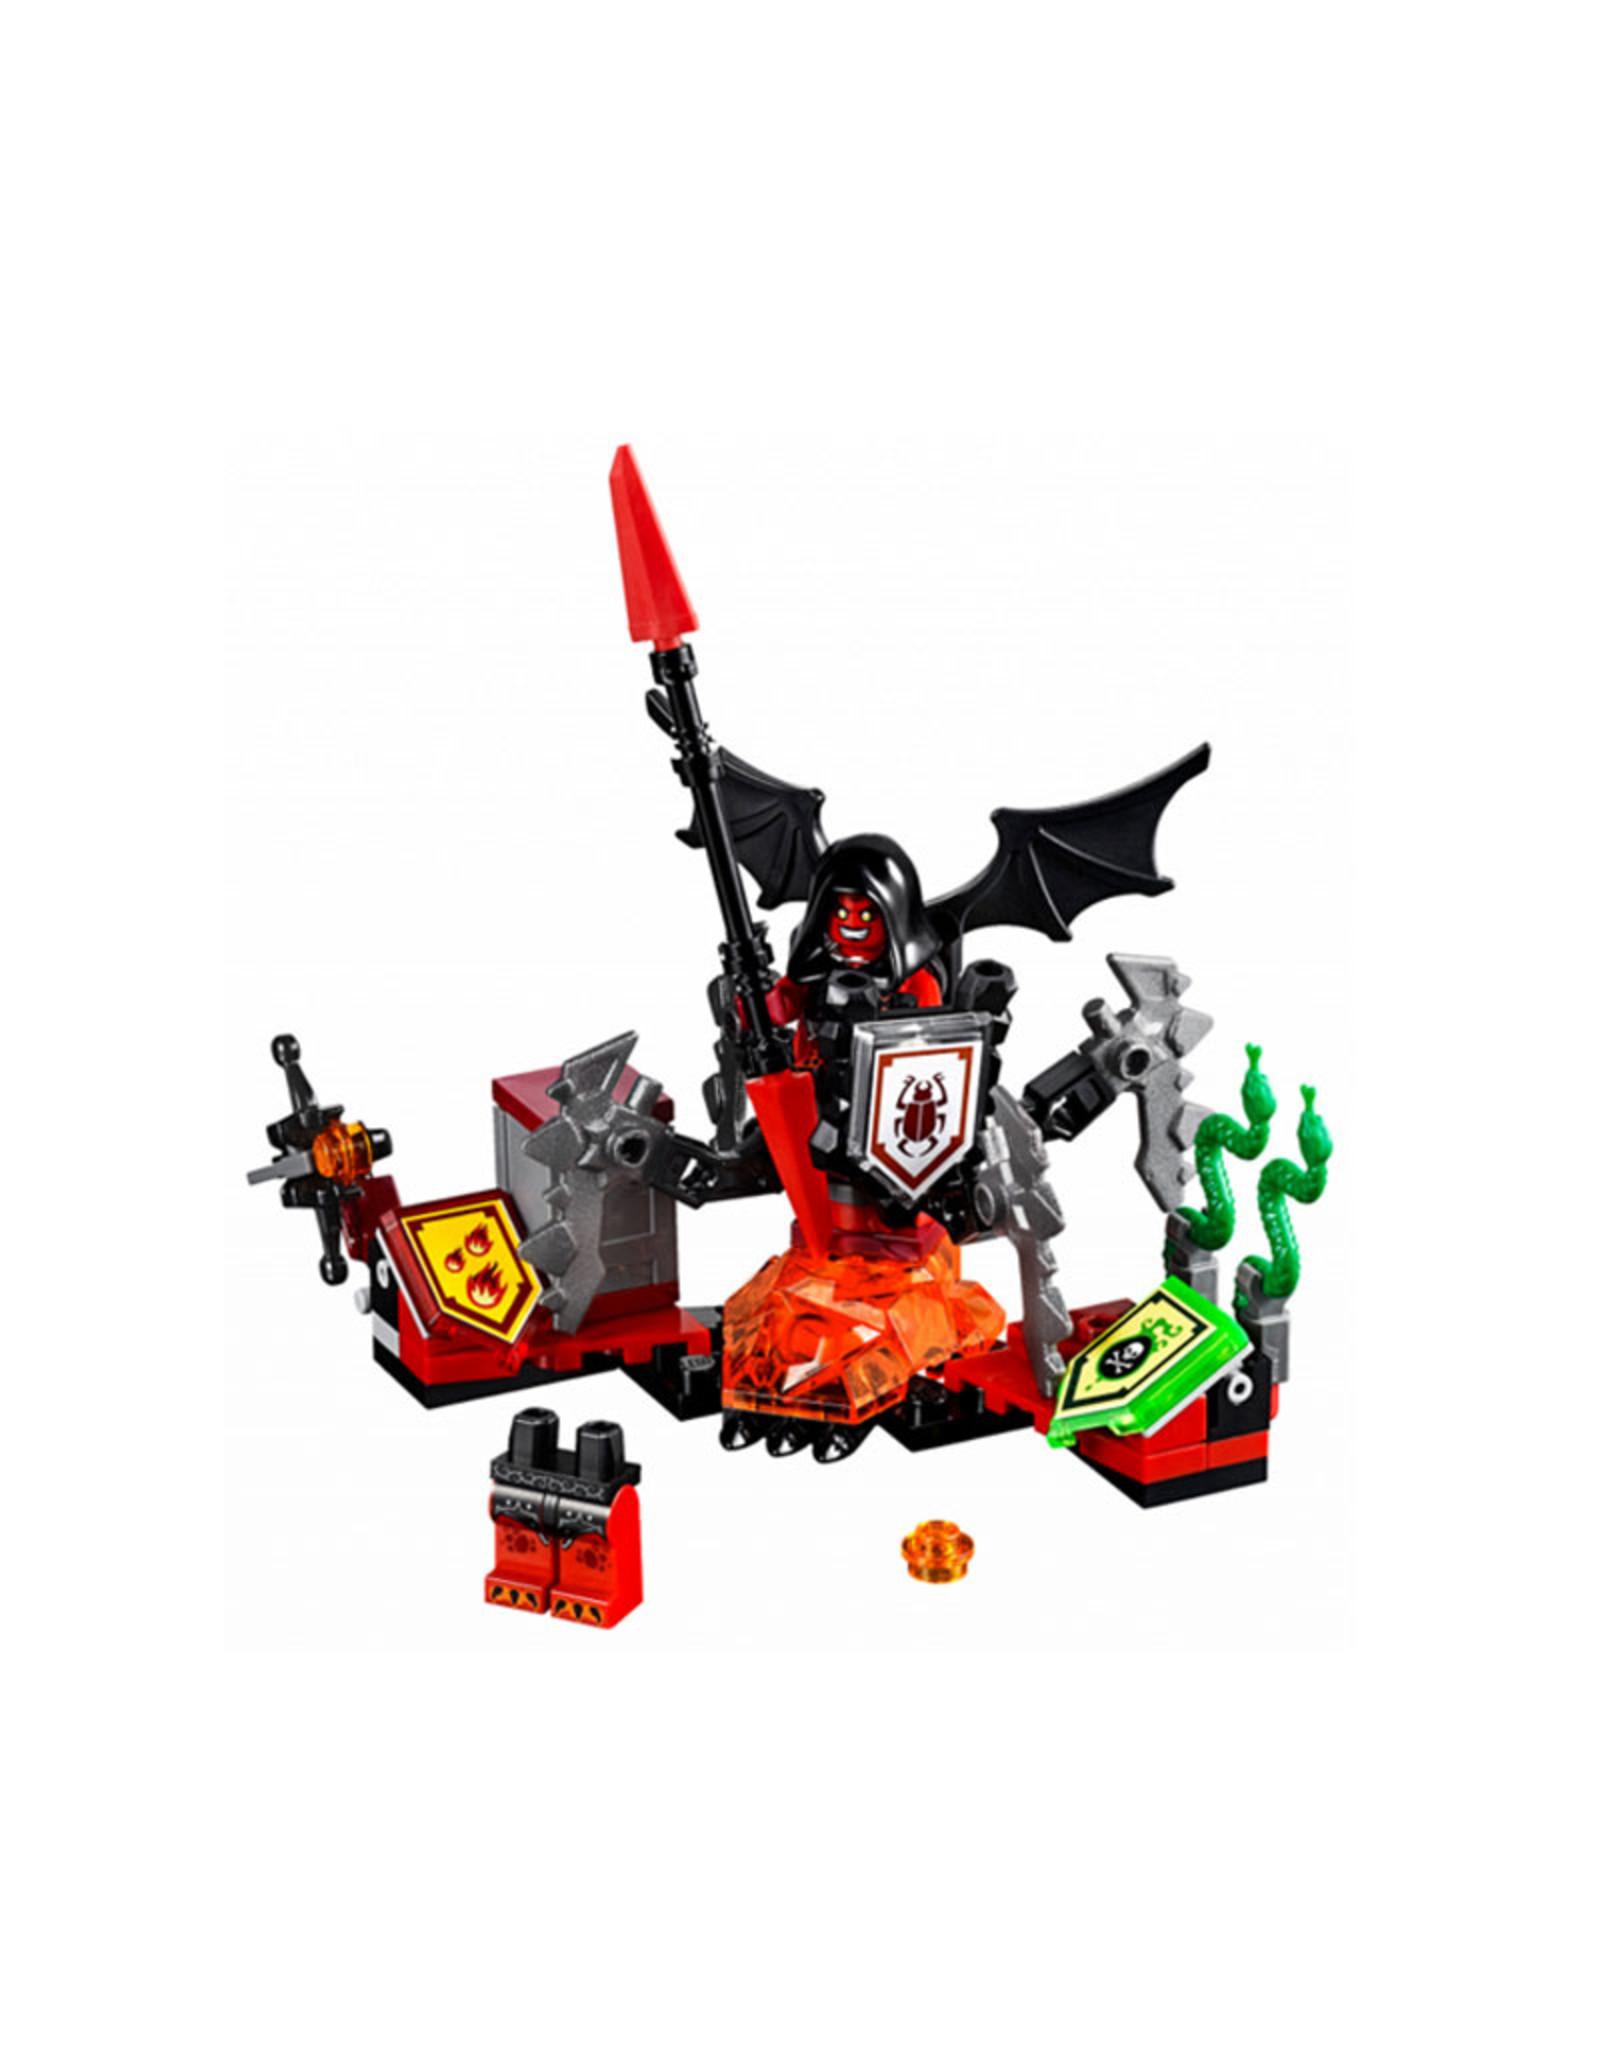 LEGO LEGO 70335 Ultimate Lavaria NEXO KNIGHTS